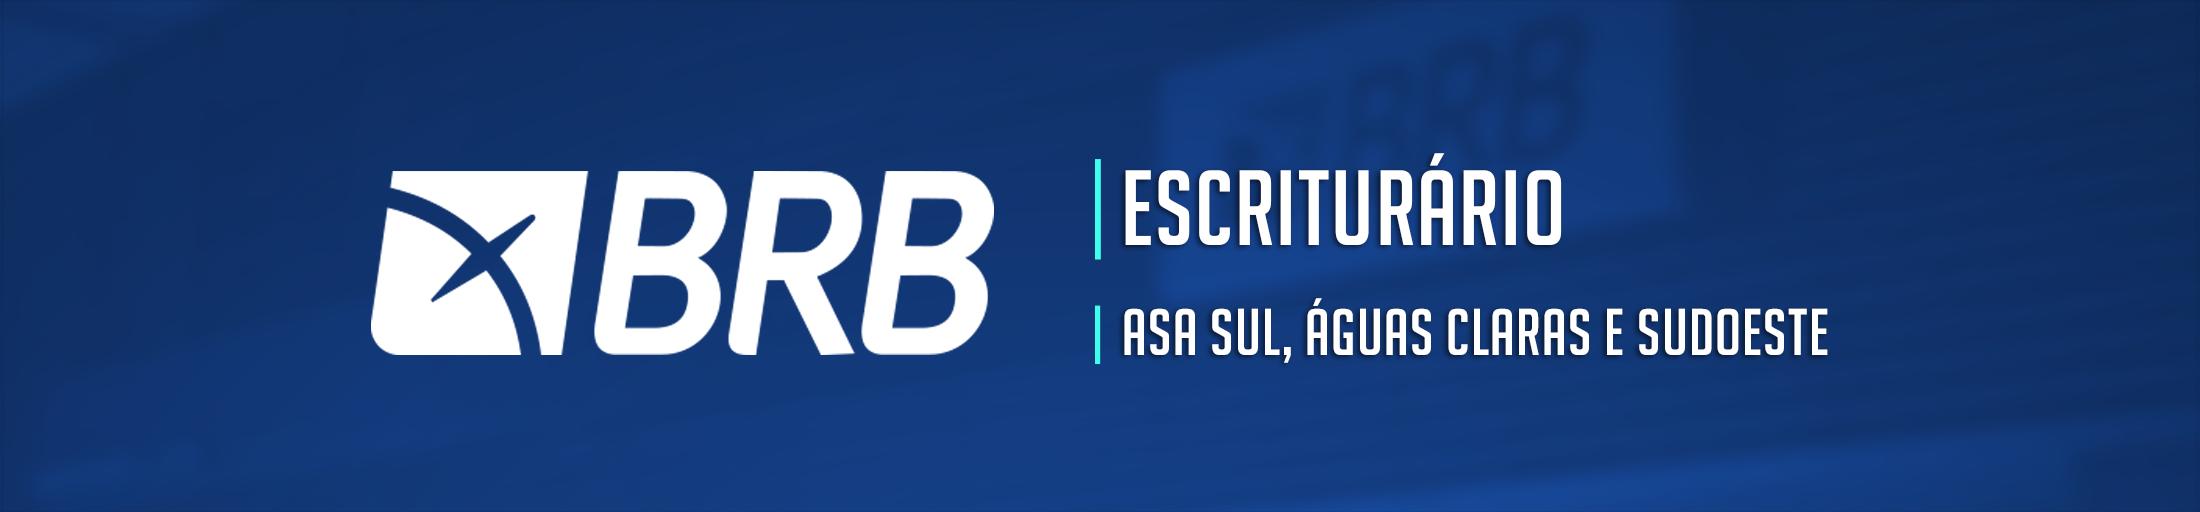 BRB_-_ESCRITURÁRIO